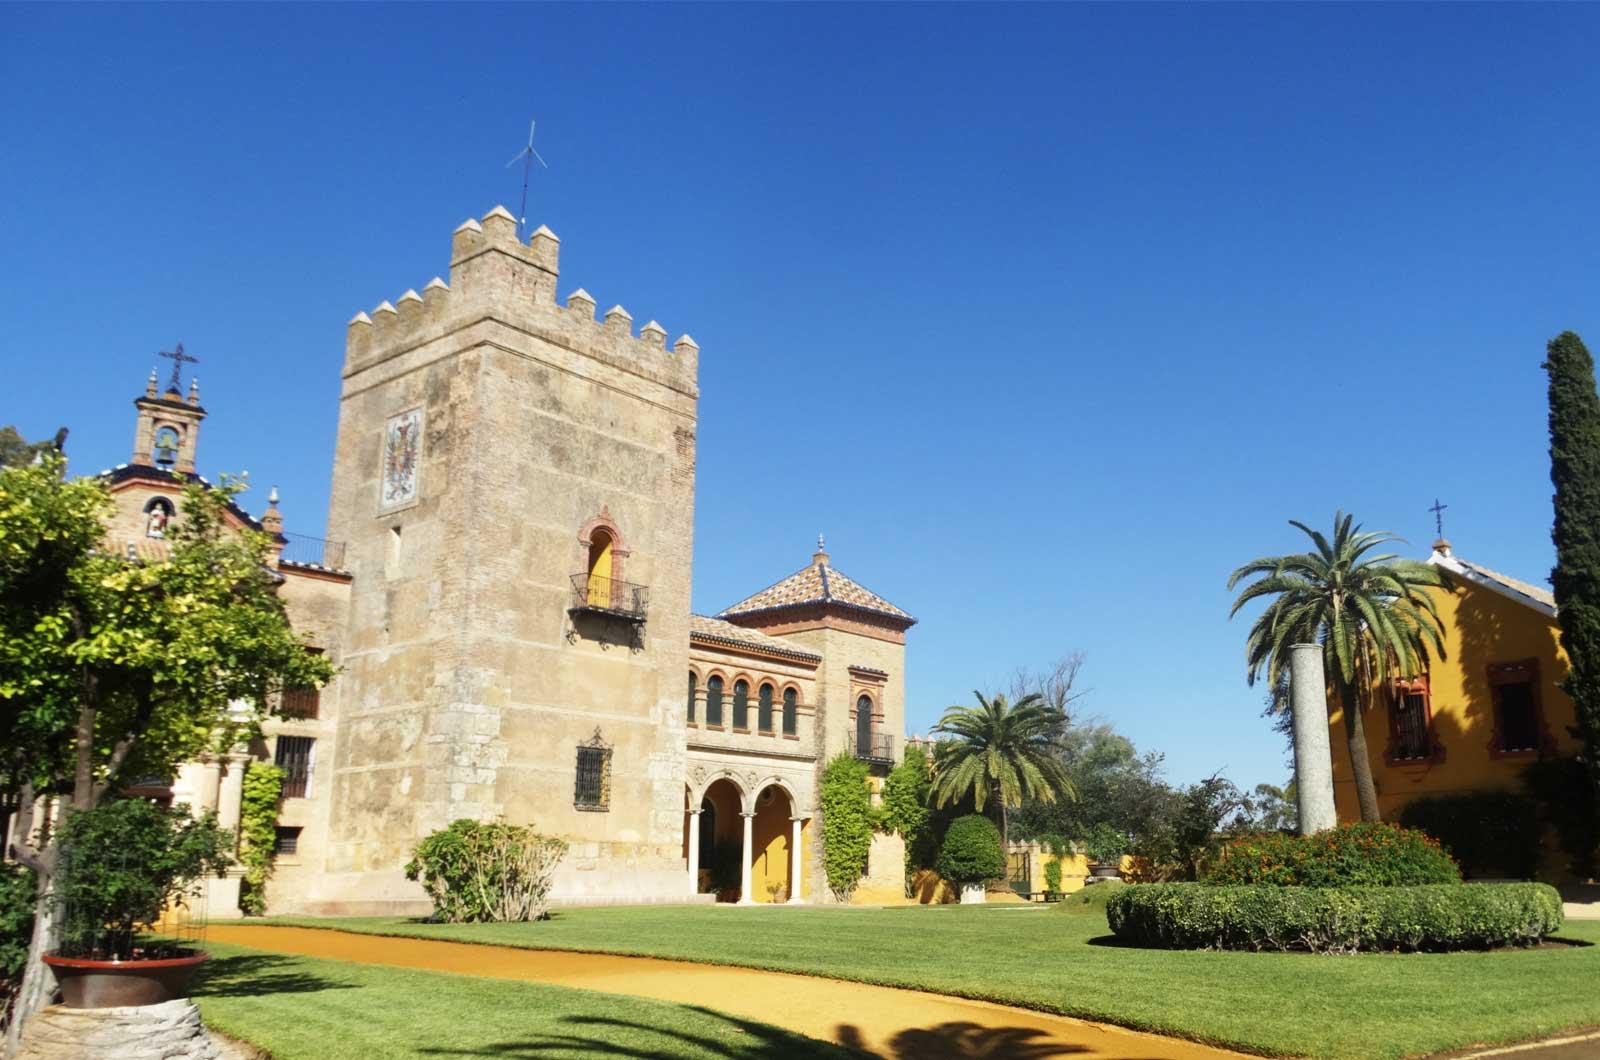 Castillo de la Monclova - exteriores<div style='clear:both;width:100%;height:0px;'></div><span class='cat'>Castillo de la Monclova</span><div style='clear:both;width:100%;height:0px;'></div><span class='desc'>Castillo de la Monclova - exteriores</span>